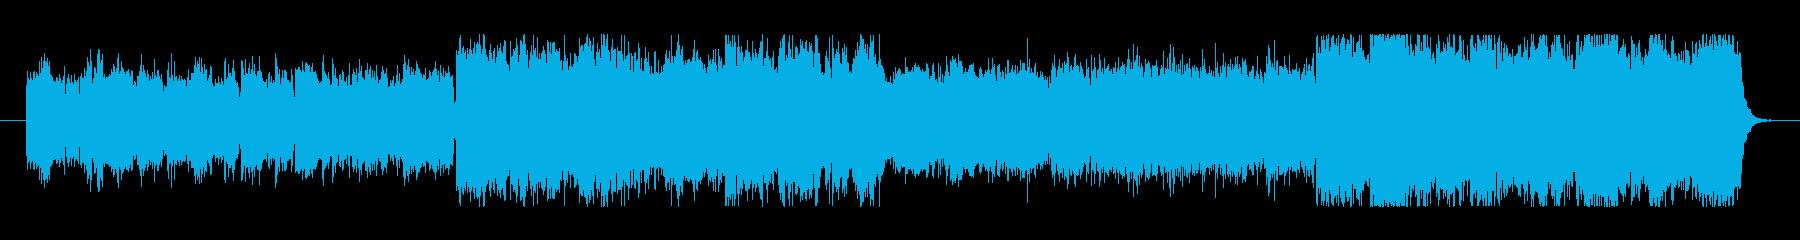 シンセサイザーによるシリアスな曲の再生済みの波形